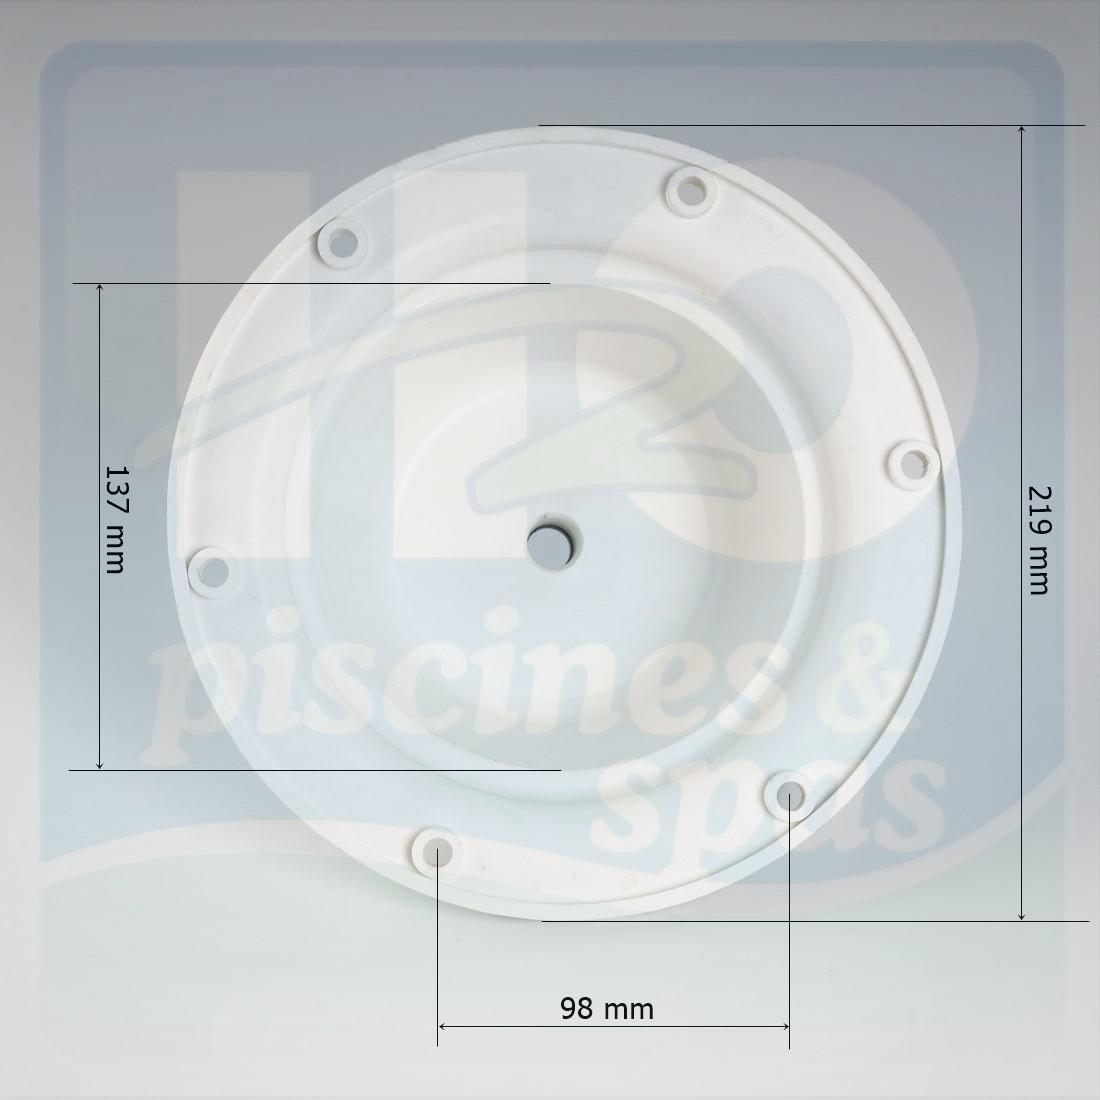 Corps de lampe et presse toupe de projecteur snte h2o for Presse etoupe projecteur piscine